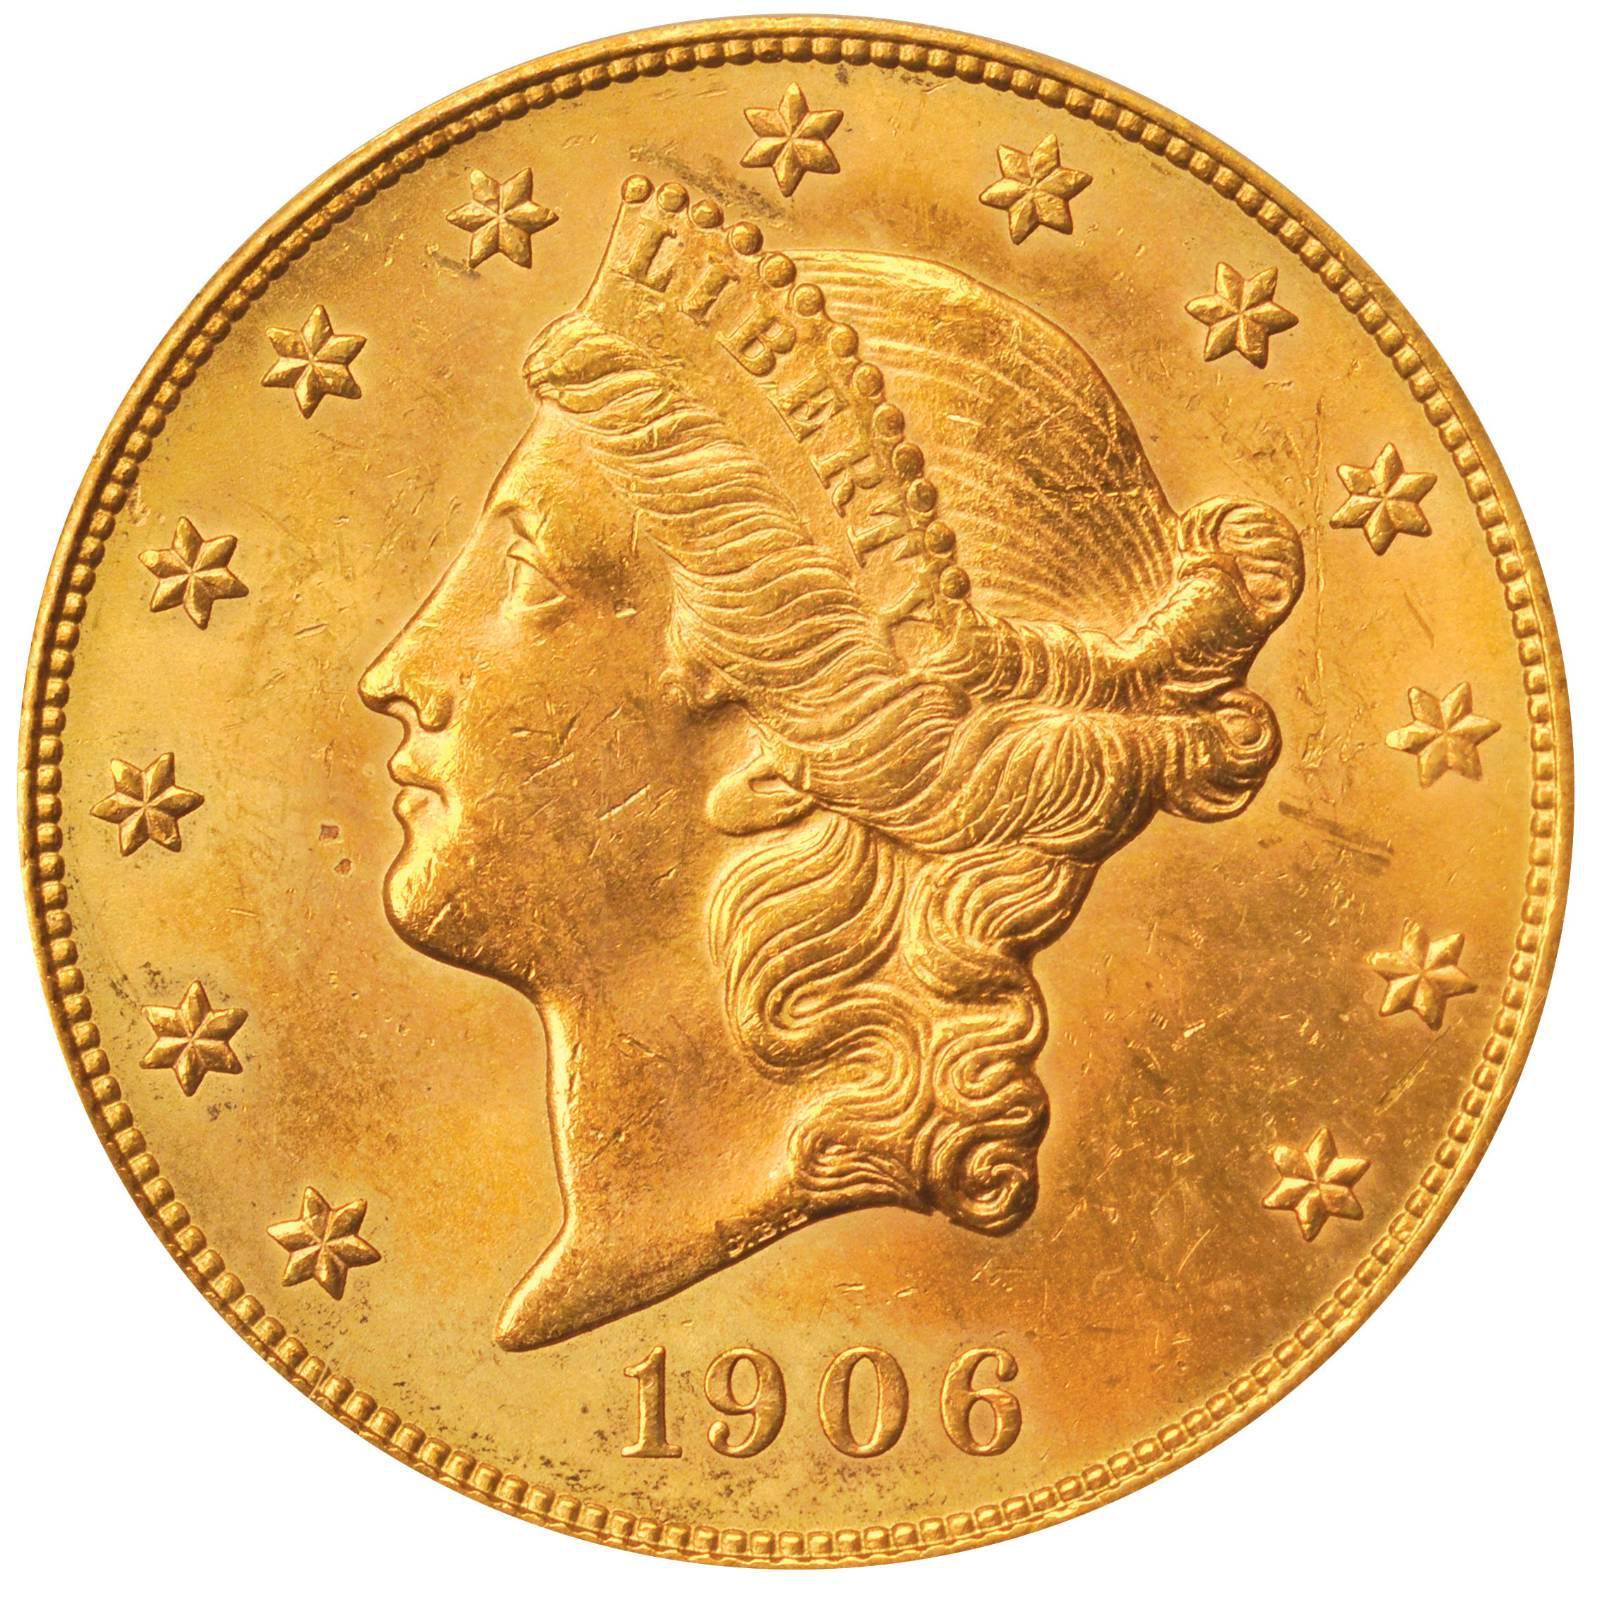 1906 coin